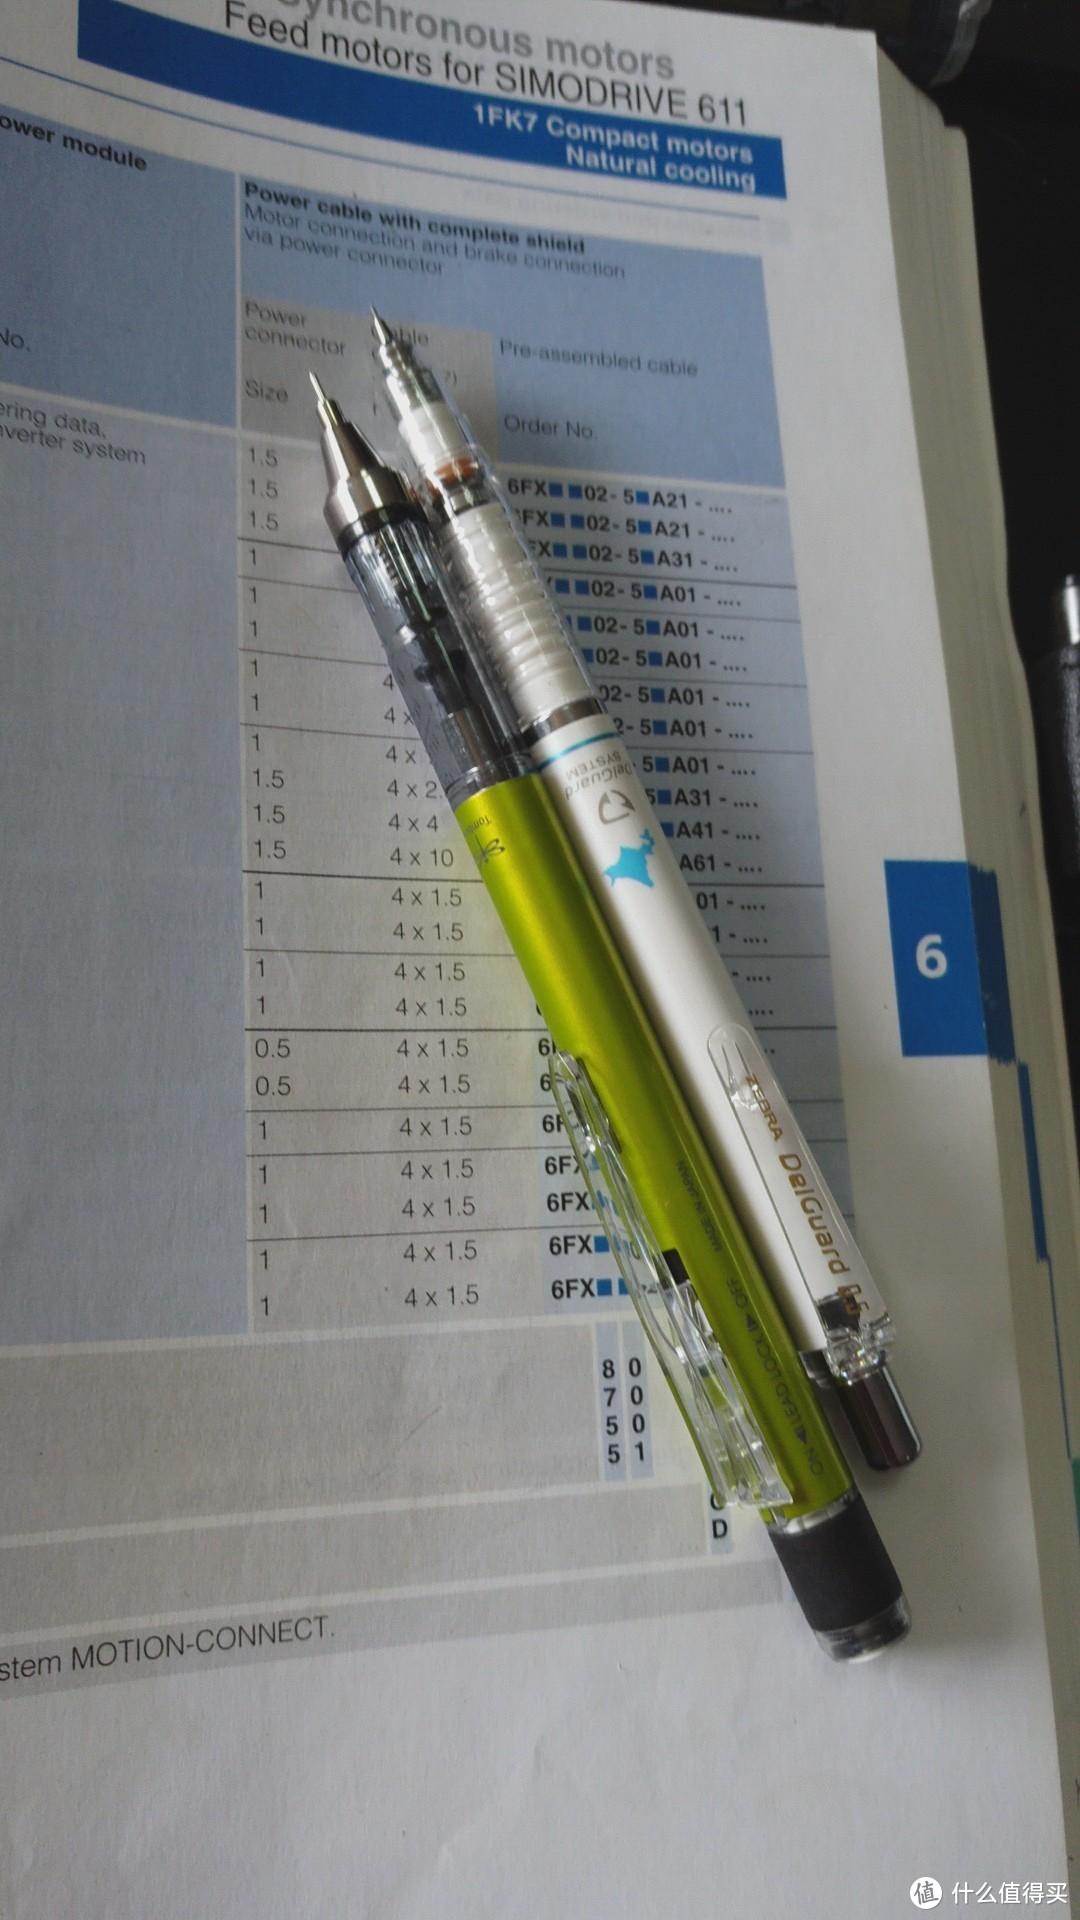 ZEBRA 斑马 MA85 北海道限定版 自动铅笔开箱